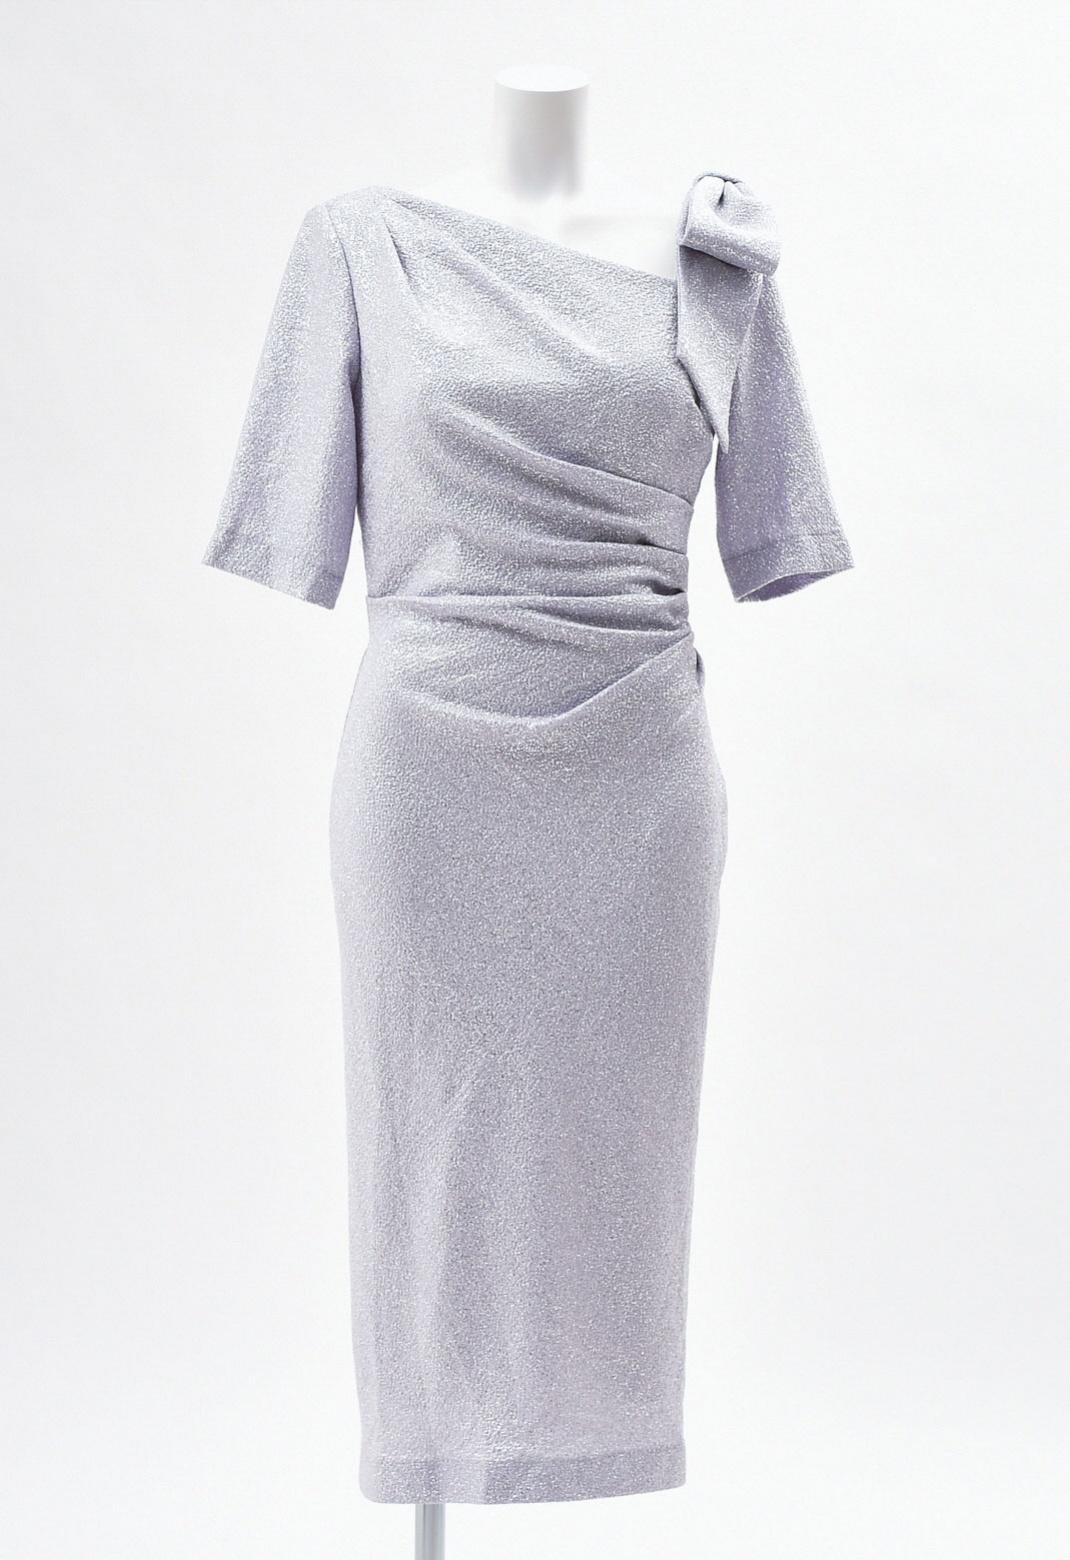 ショルダーリボン飾り 五分袖 シルバー ドレス